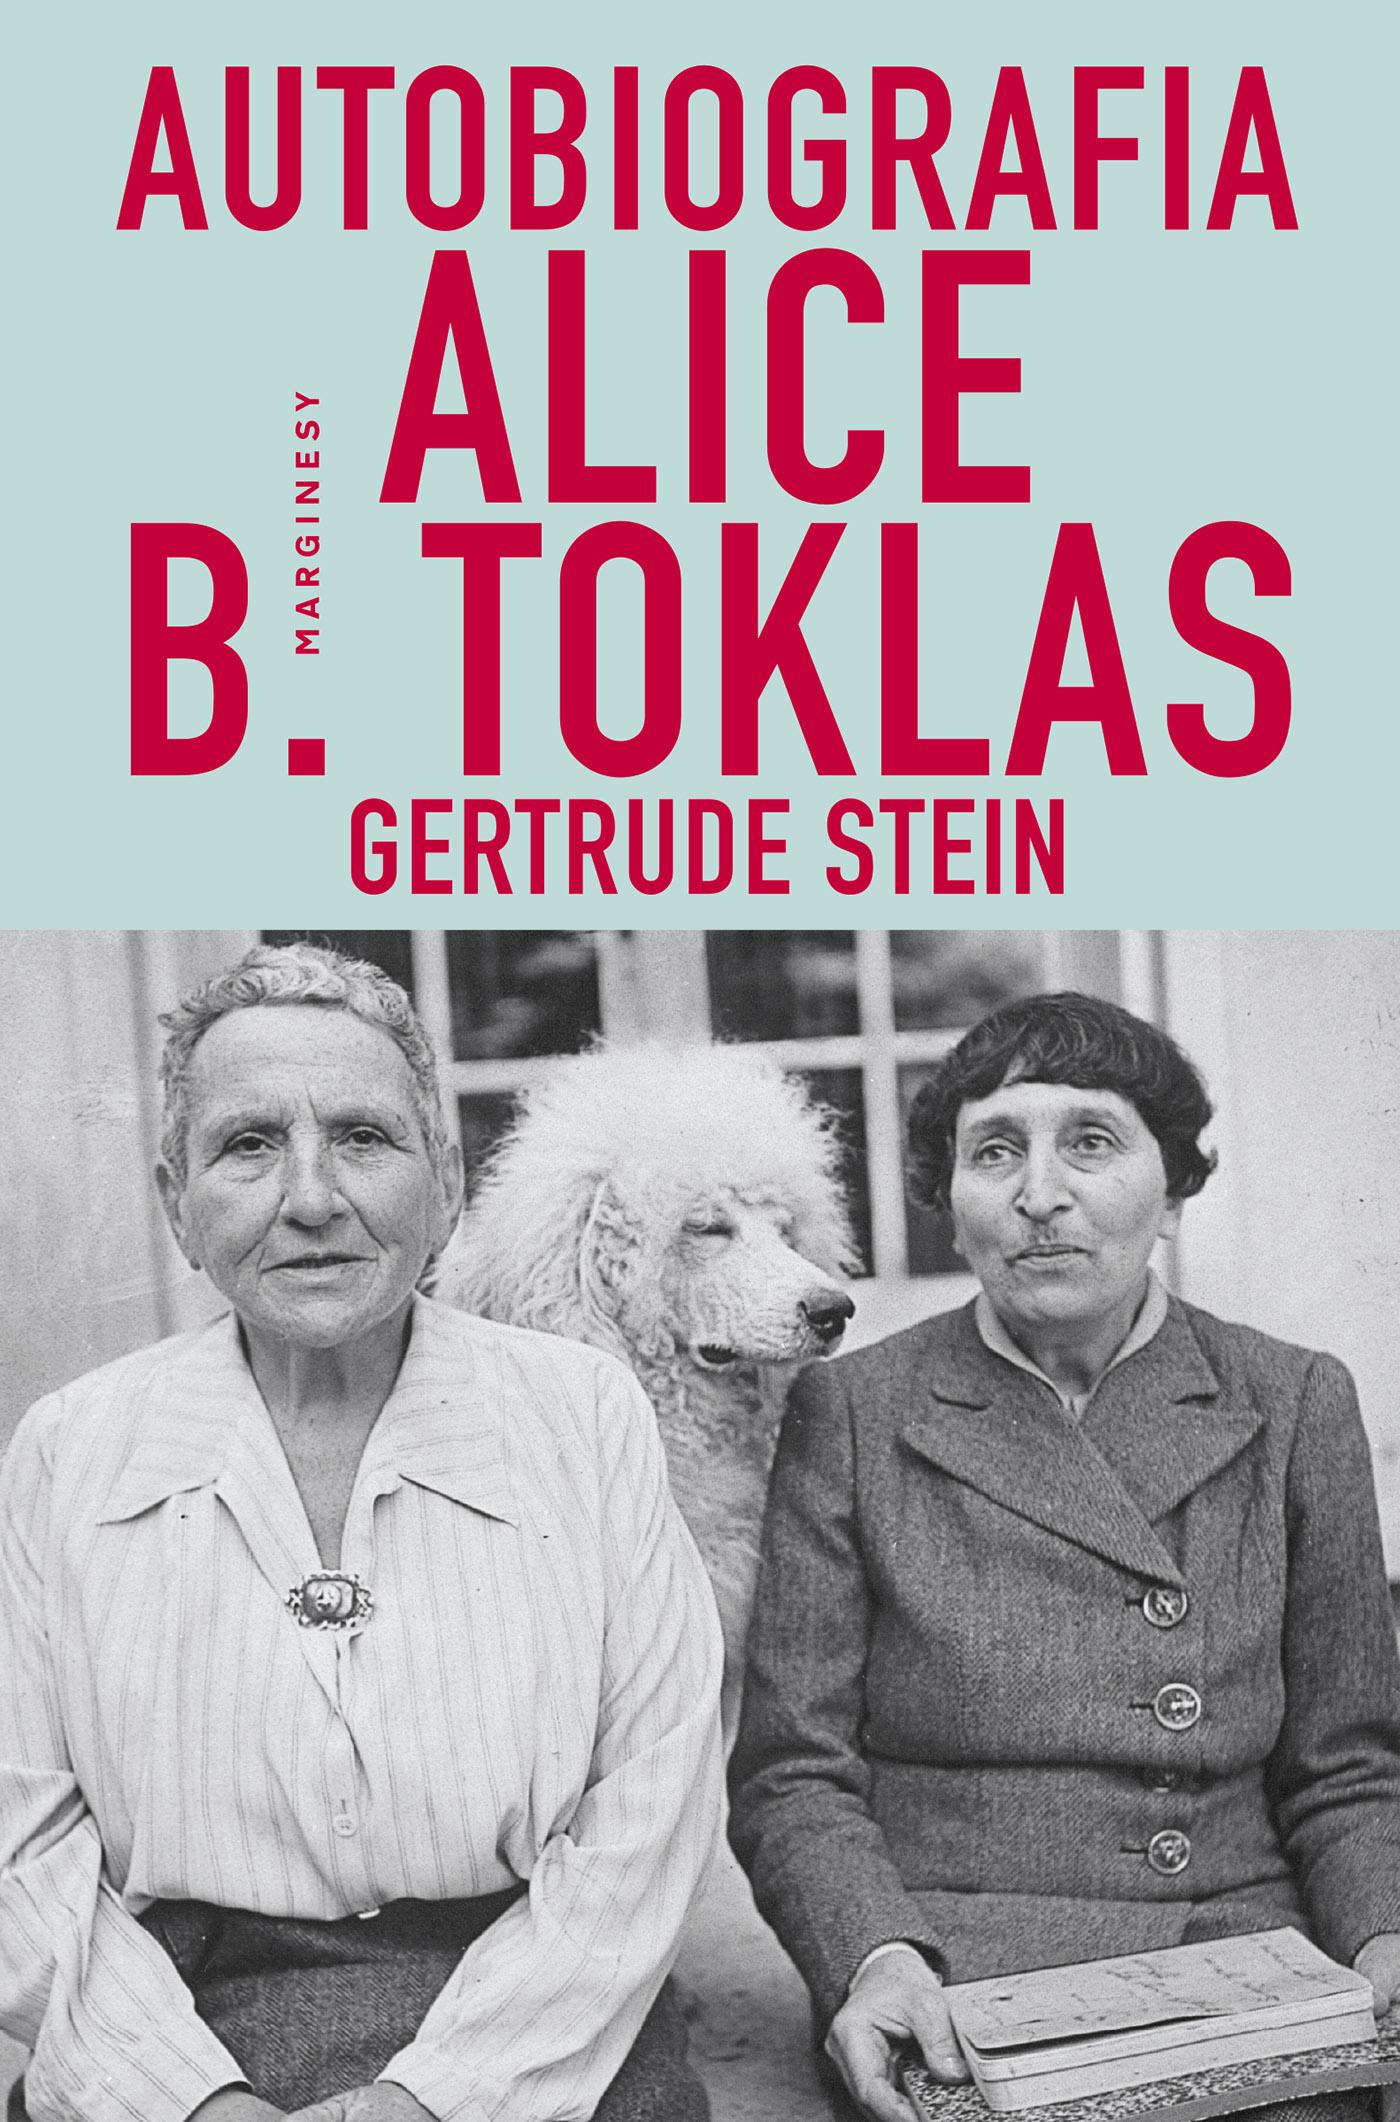 Autobiografia Alice B. Toklas